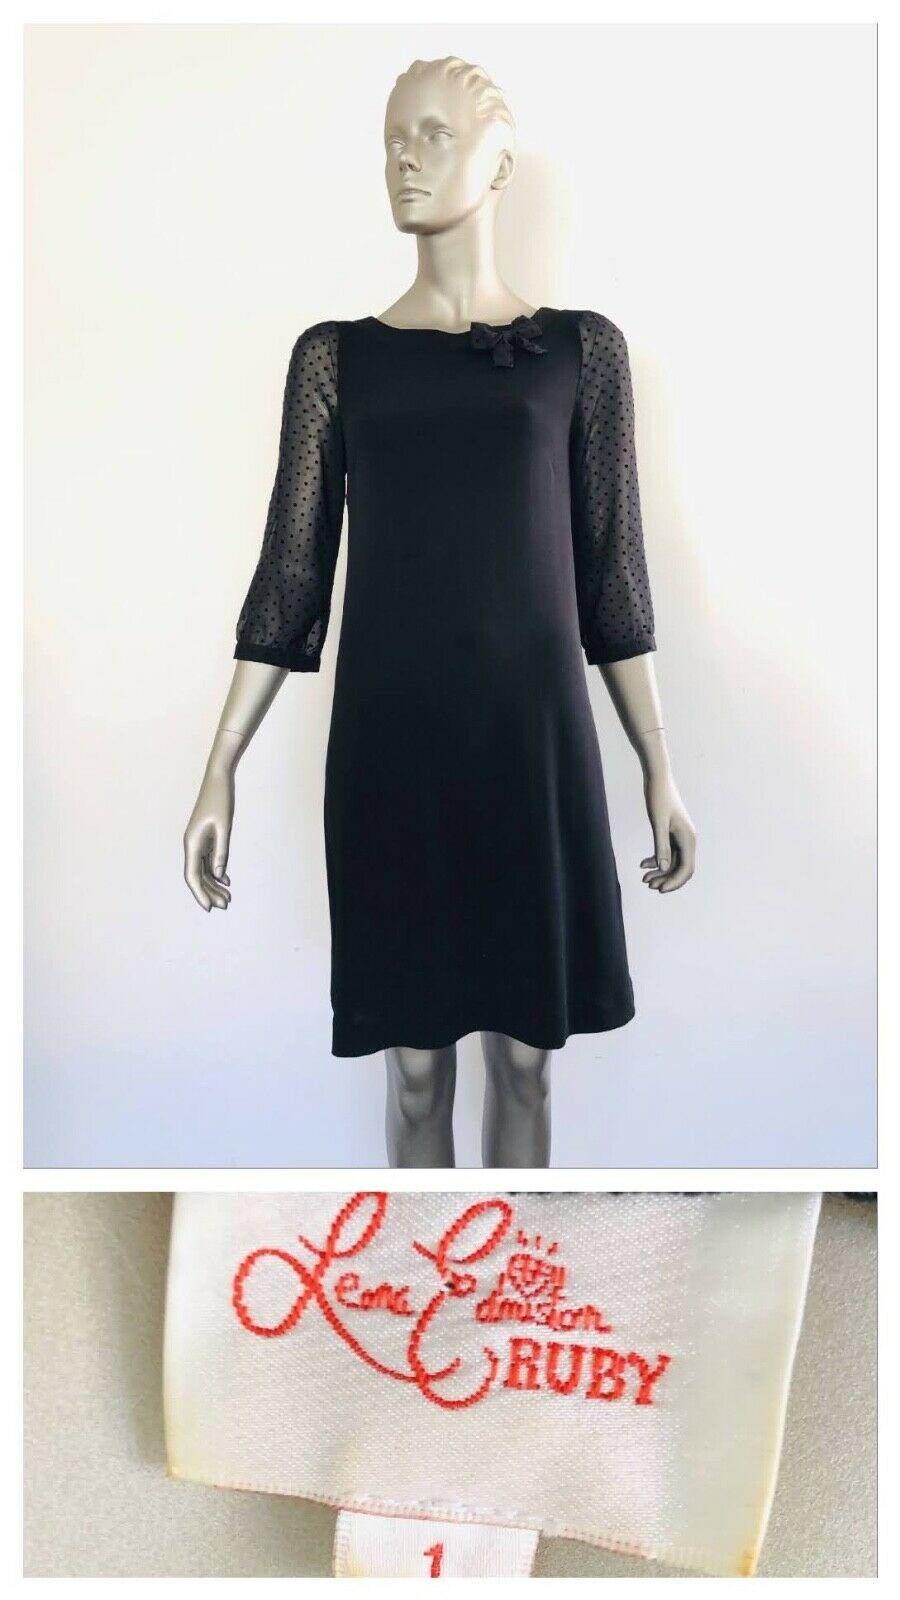 LEONA EDMISTON Black 3/4 Sheer Sleeve Dress Size 1 (10 AUS)